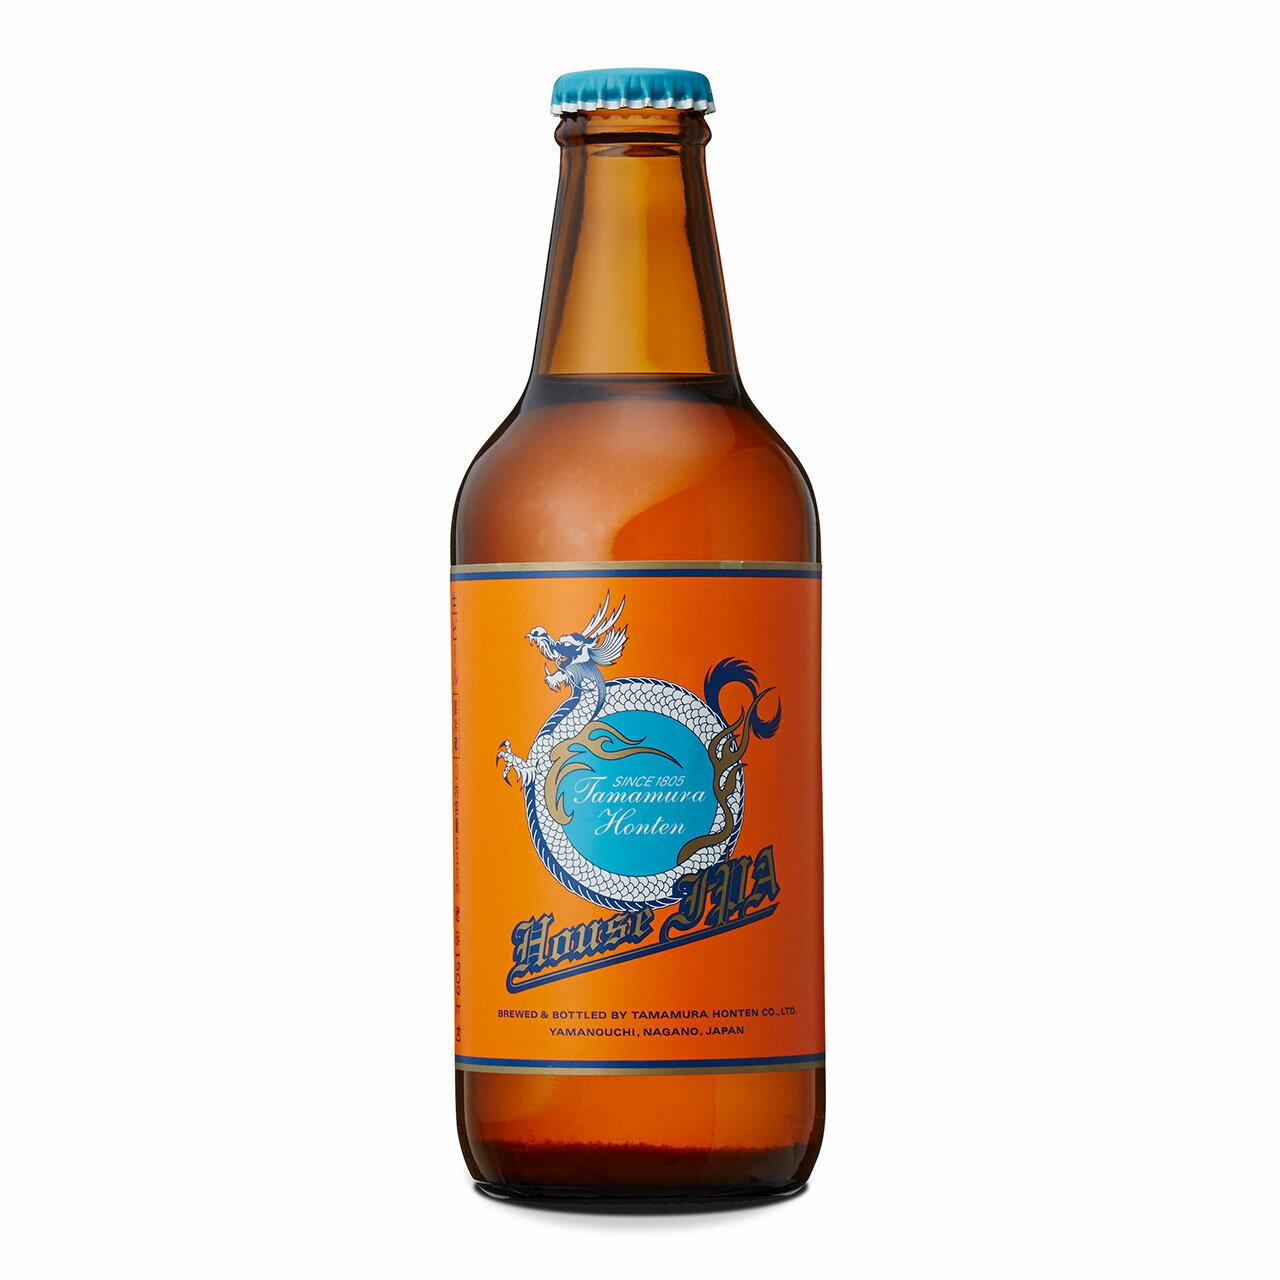 【お歳暮 ギフト】志賀高原ビール HouseIPA 330ml 24本 長野県 玉村本店 クラフトビール ケース販売